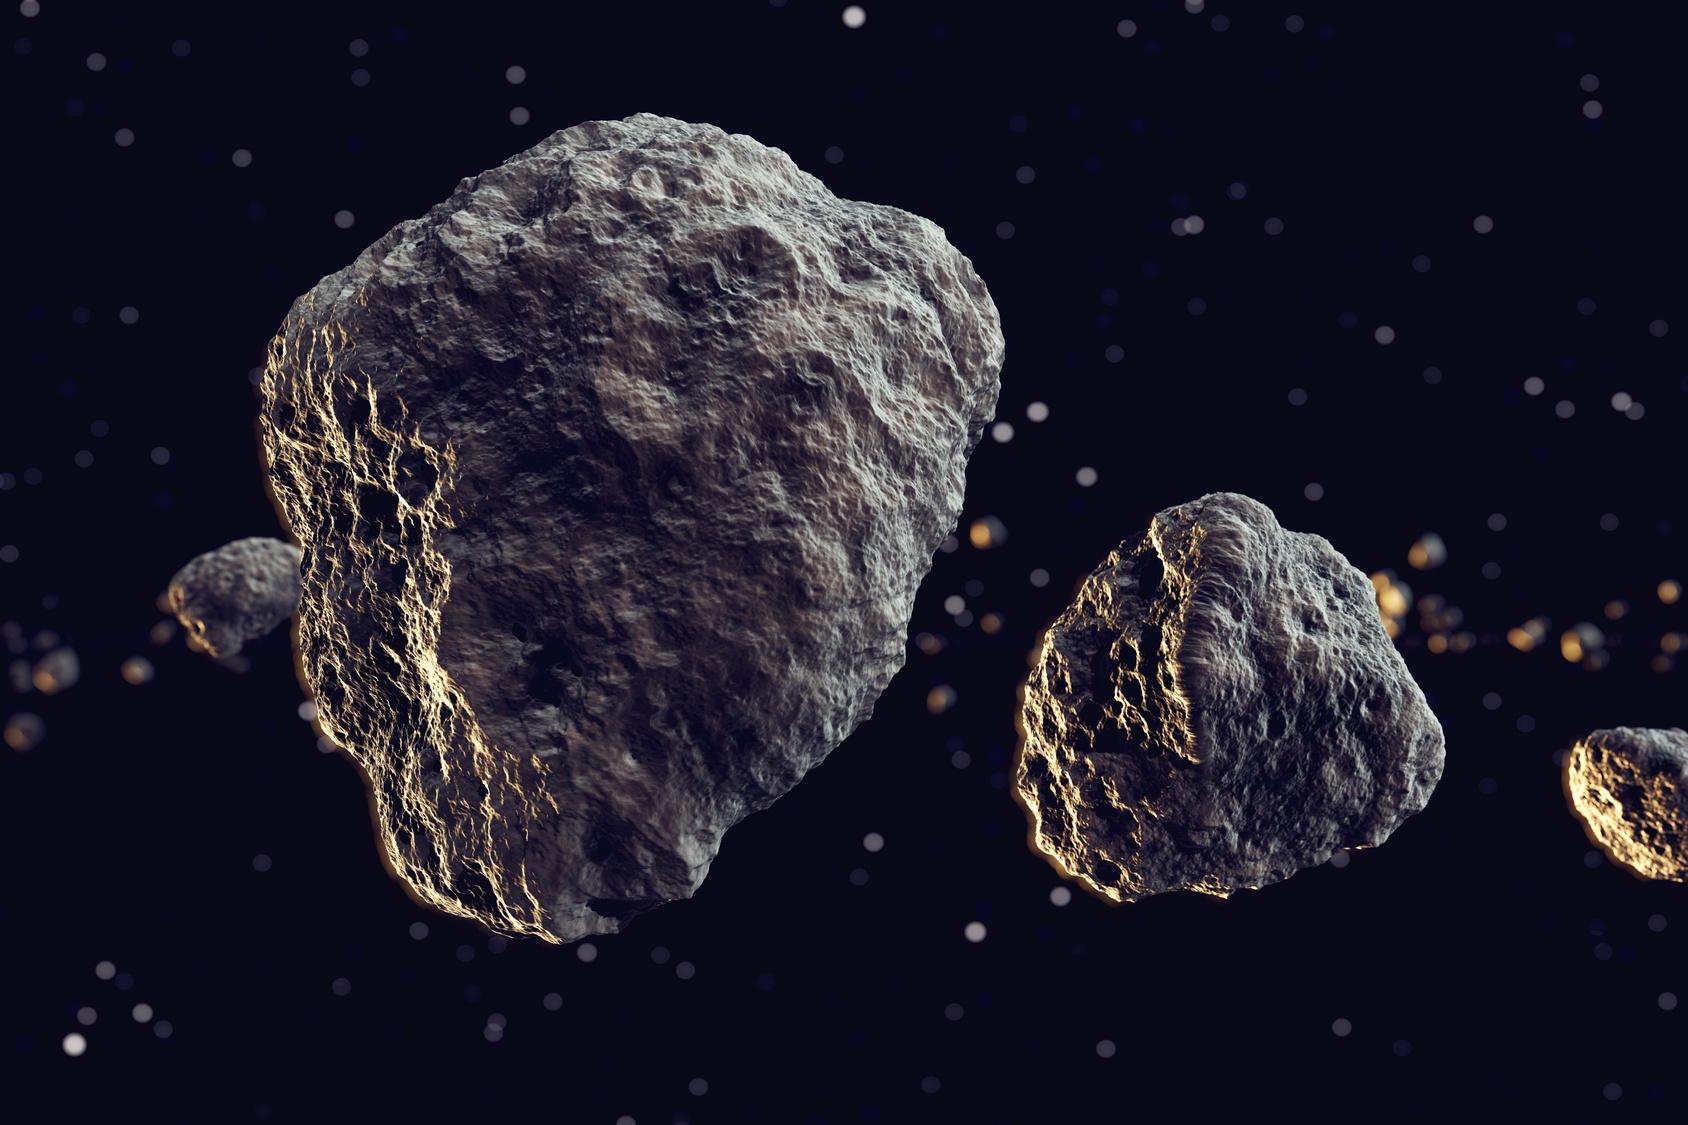 Morire per un meteorite, probabilità di infortunio e rischio zero